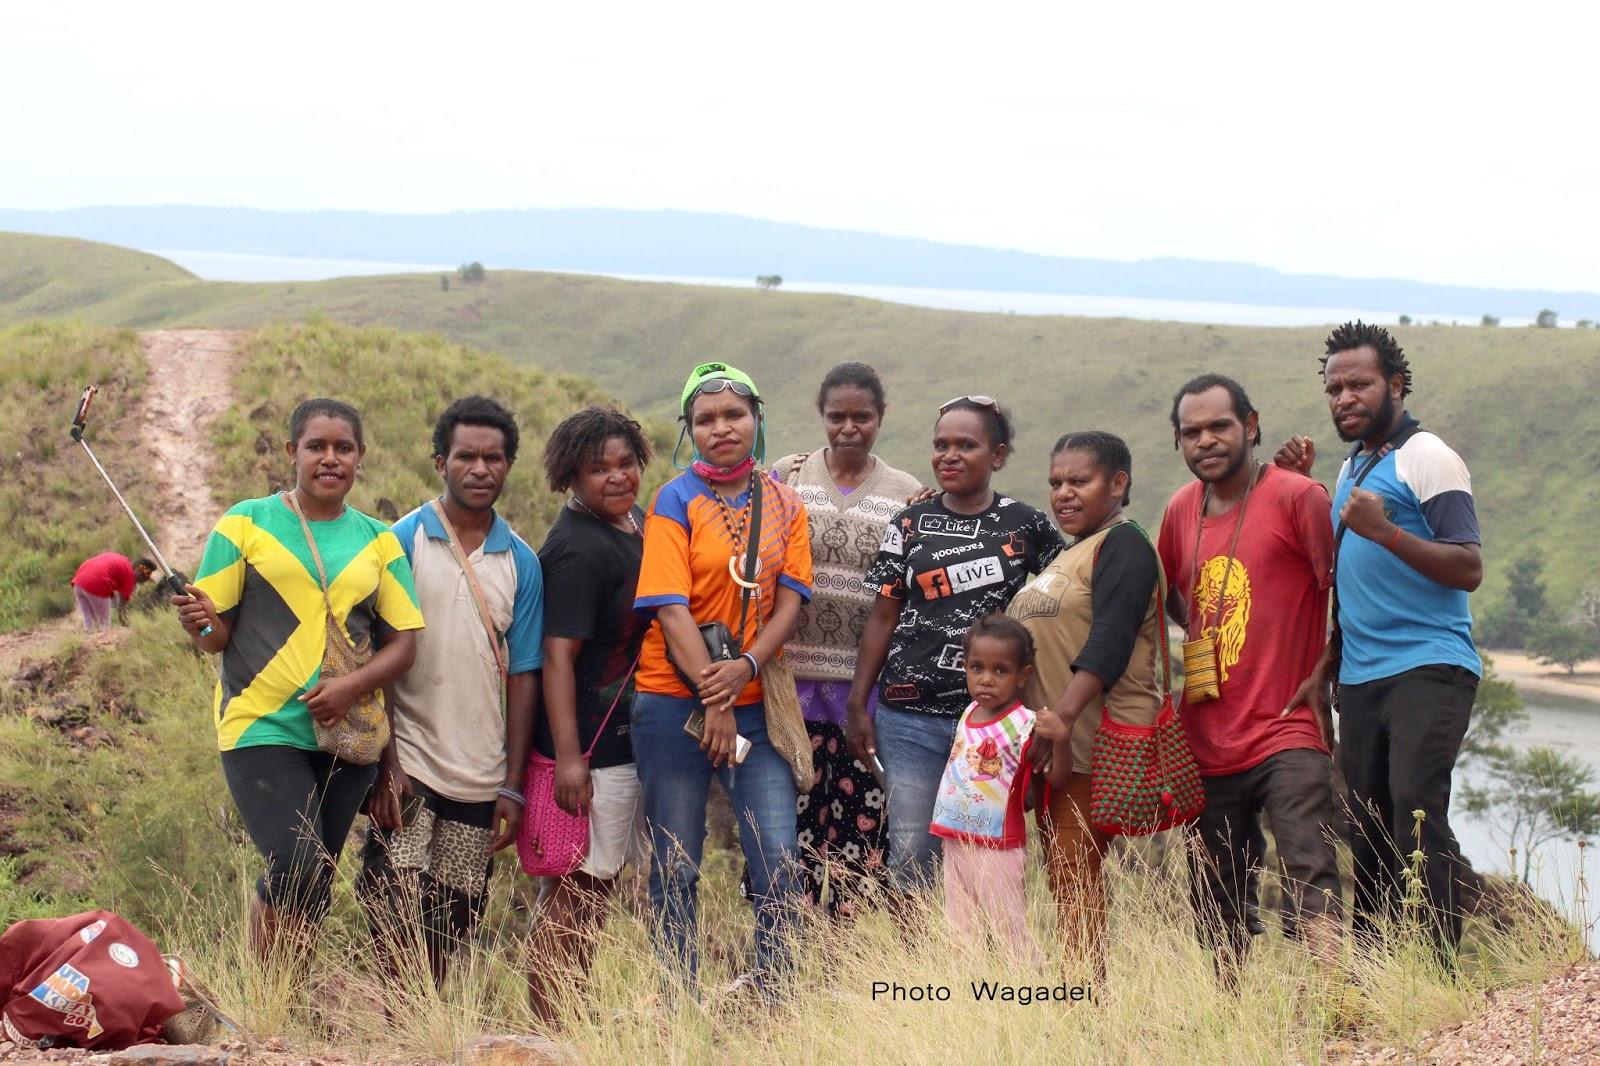 Menikmati Wisata Gunung Botak Di Mansel Bersama Keluargaku